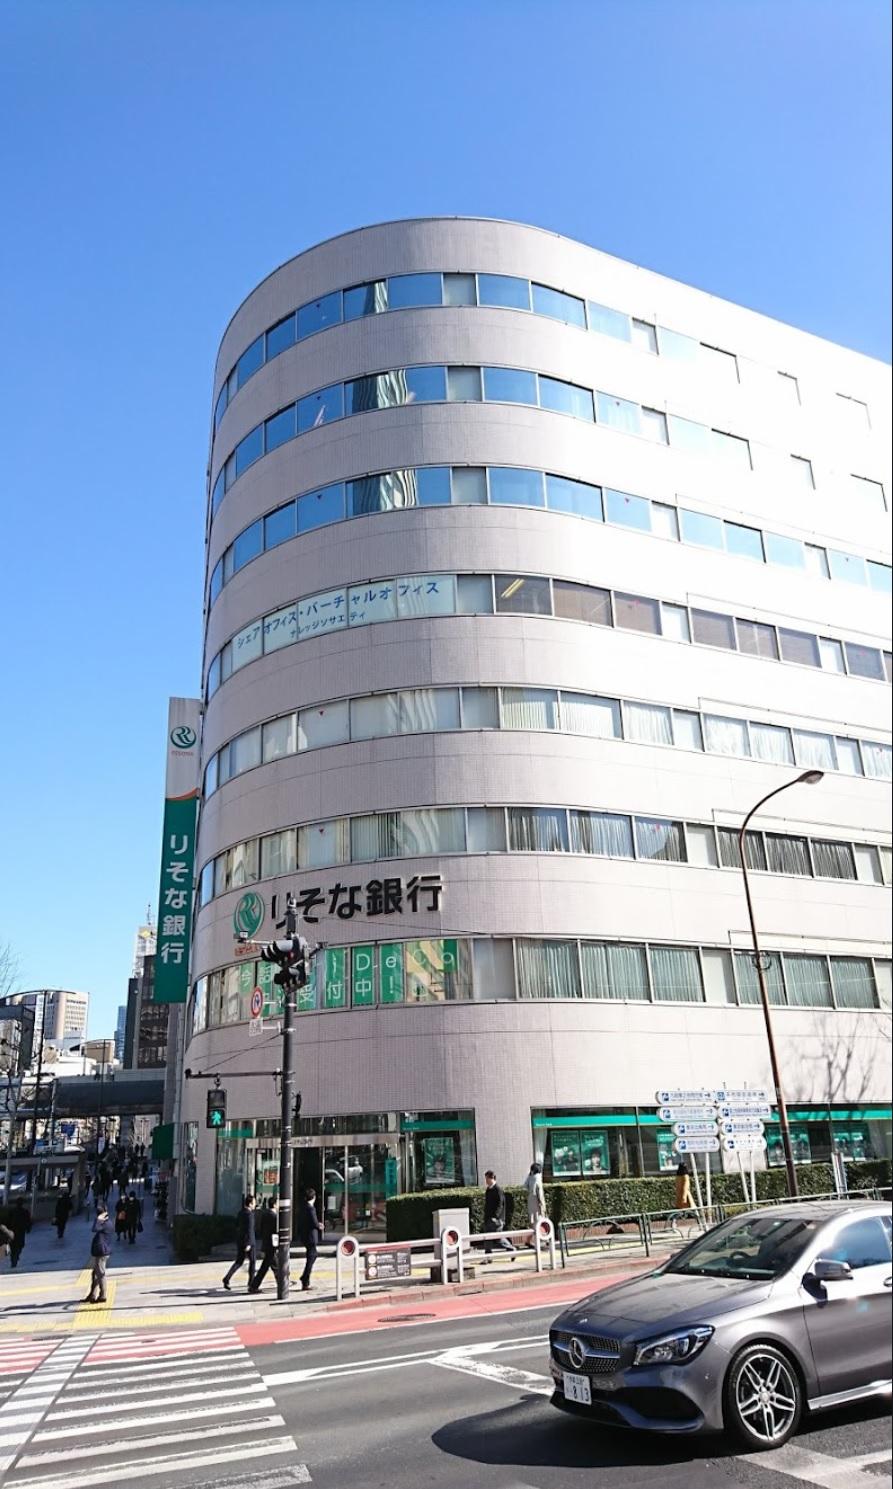 リッチヘアジャパン株式会社